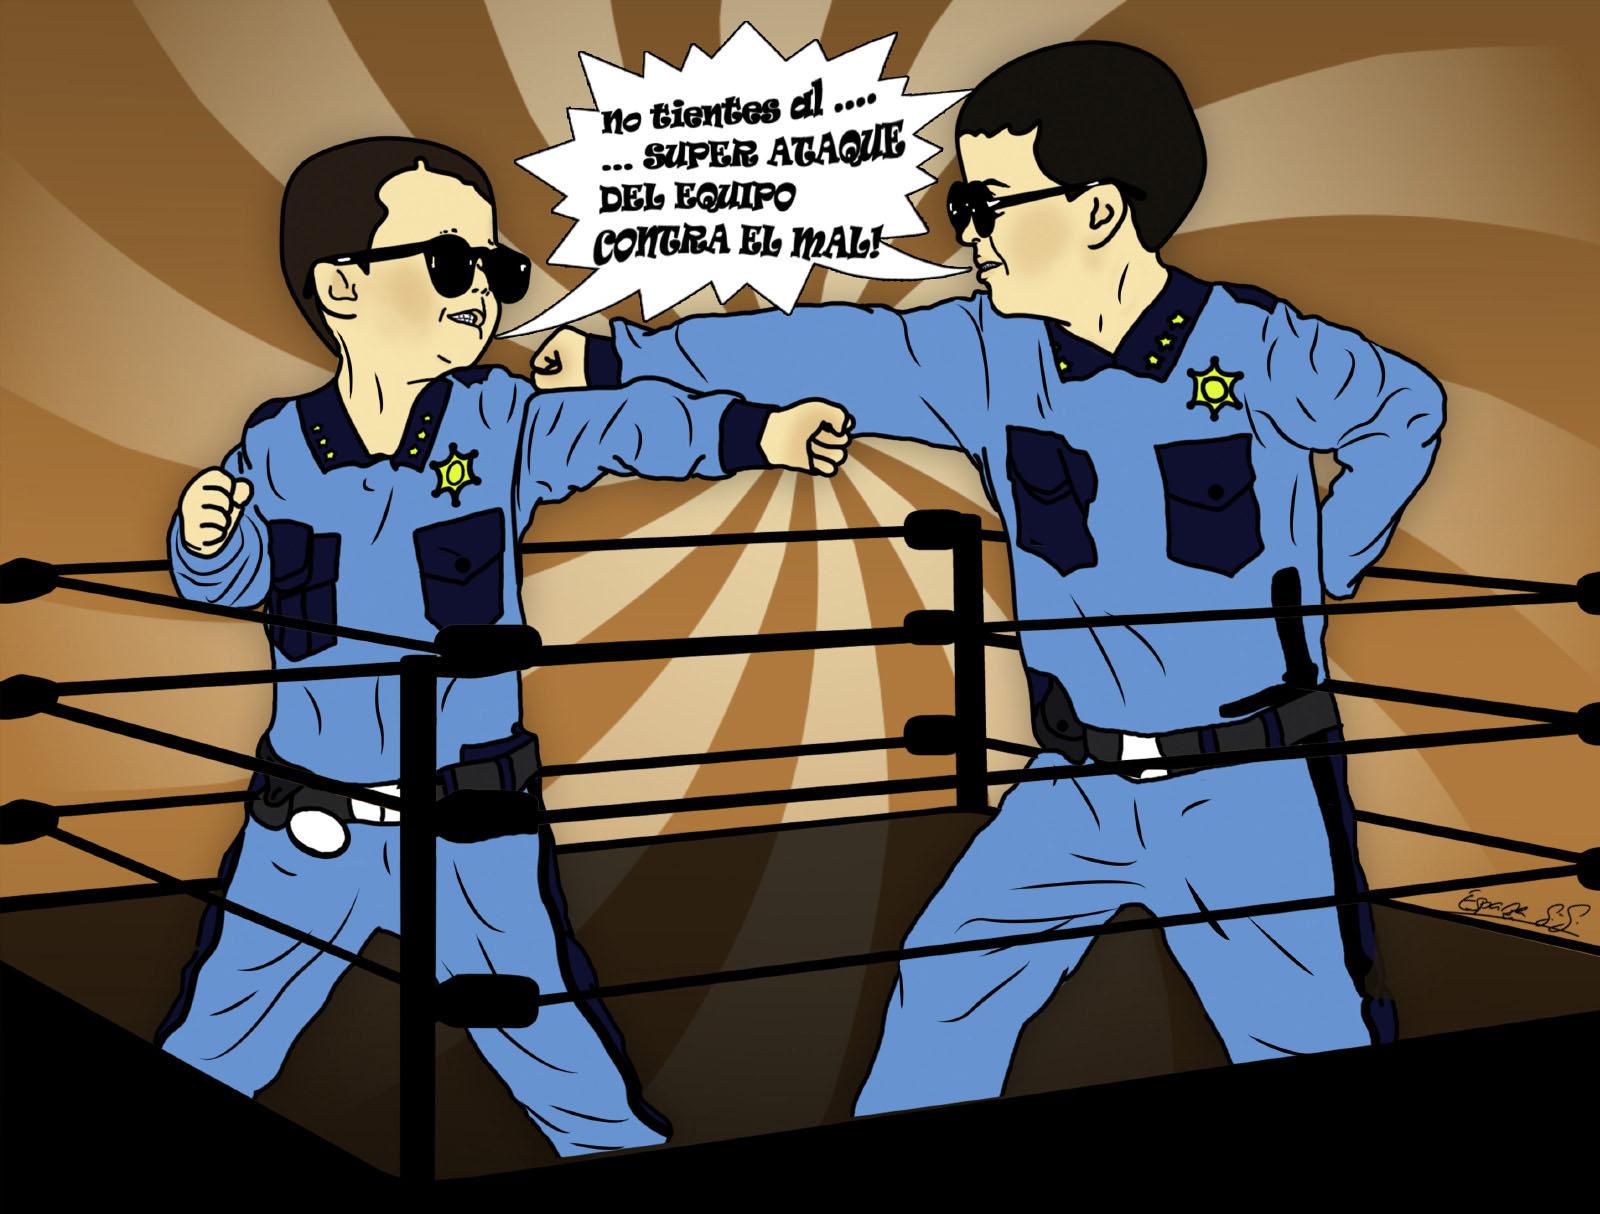 Cómic policia niños